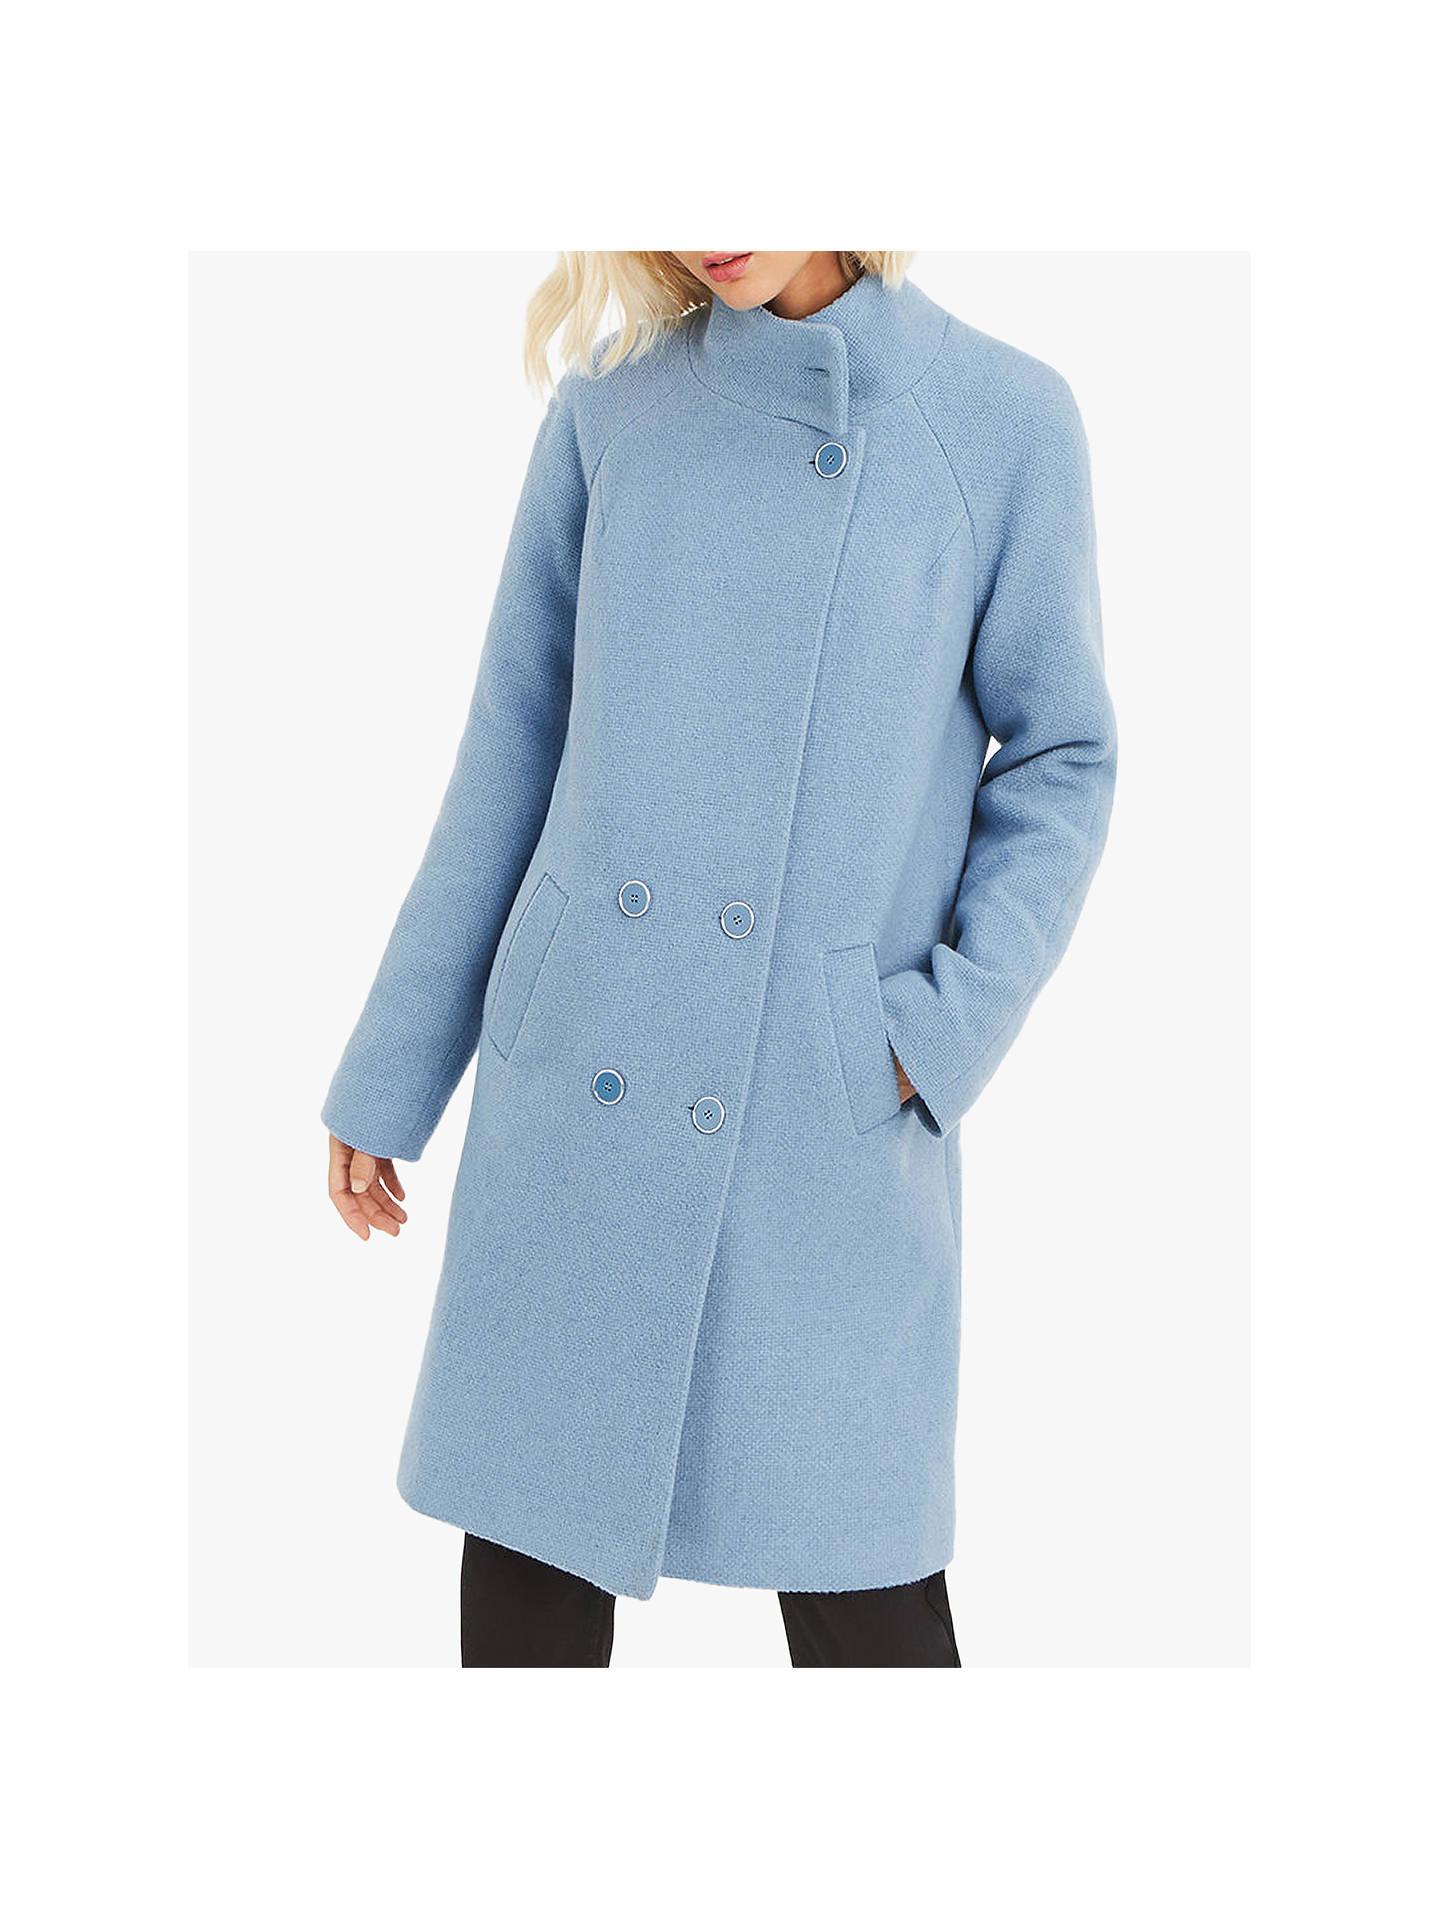 ed2ab30c5ddf Buy Oasis Ash Funnel Neck Coat, Mid Blue, S Online at johnlewis.com ...